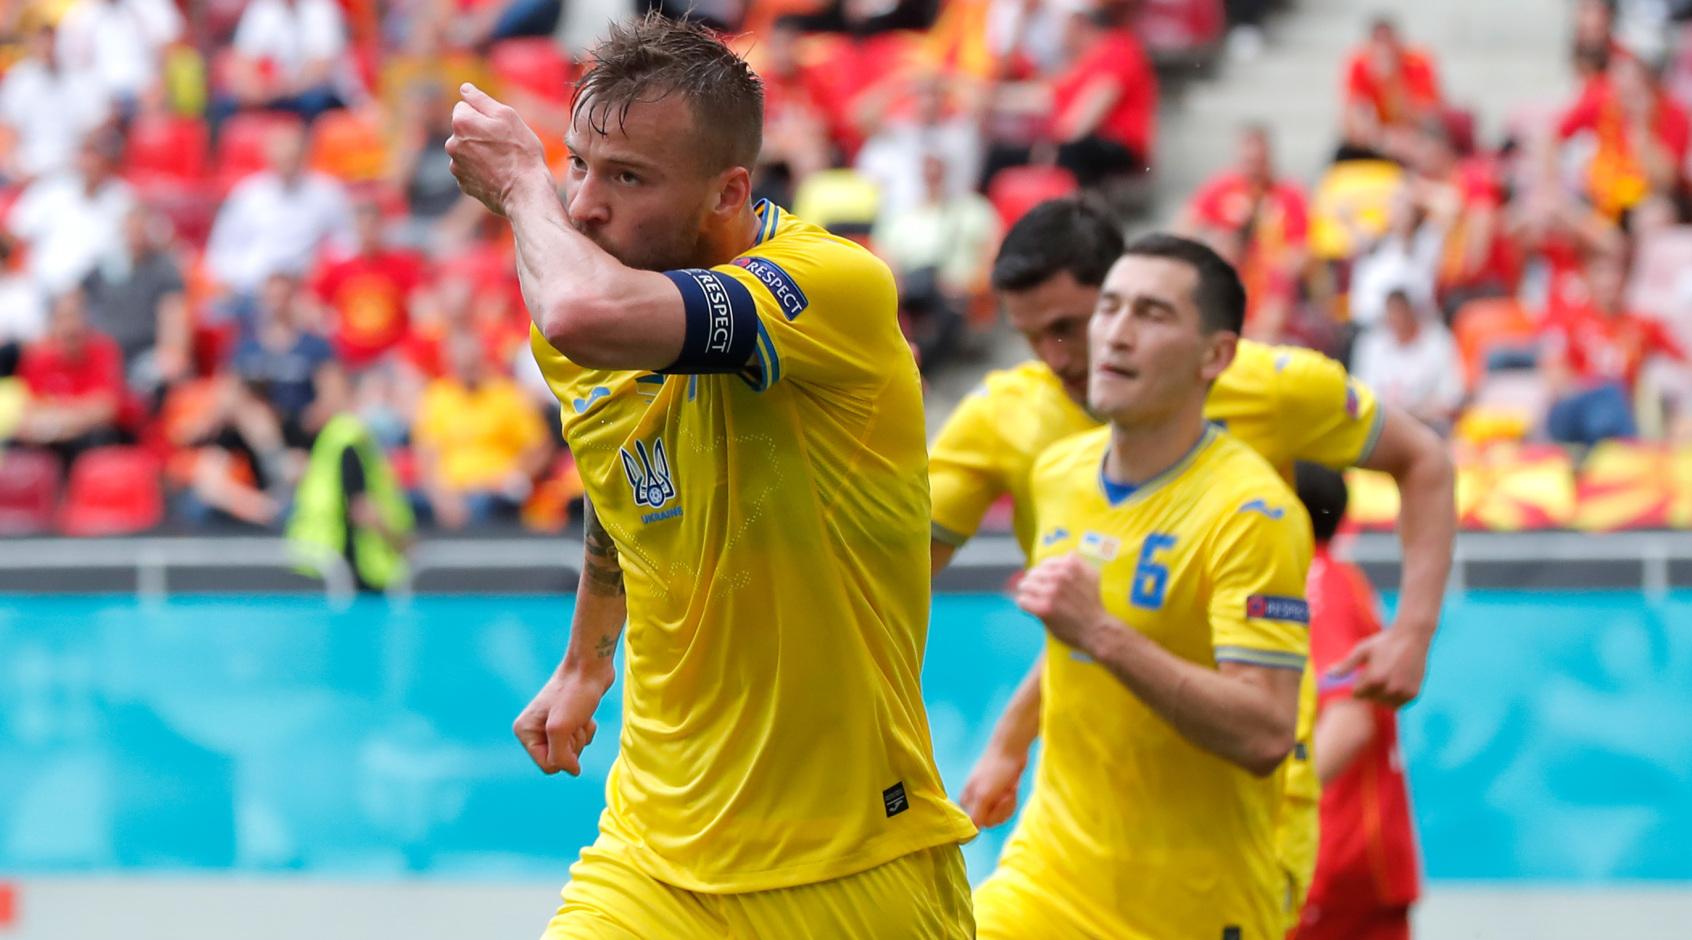 Україна - Північна Македонія: як Ярмоленко тролить Роналду, льодяна ванна, та вогняні емоції після гри (Відео)